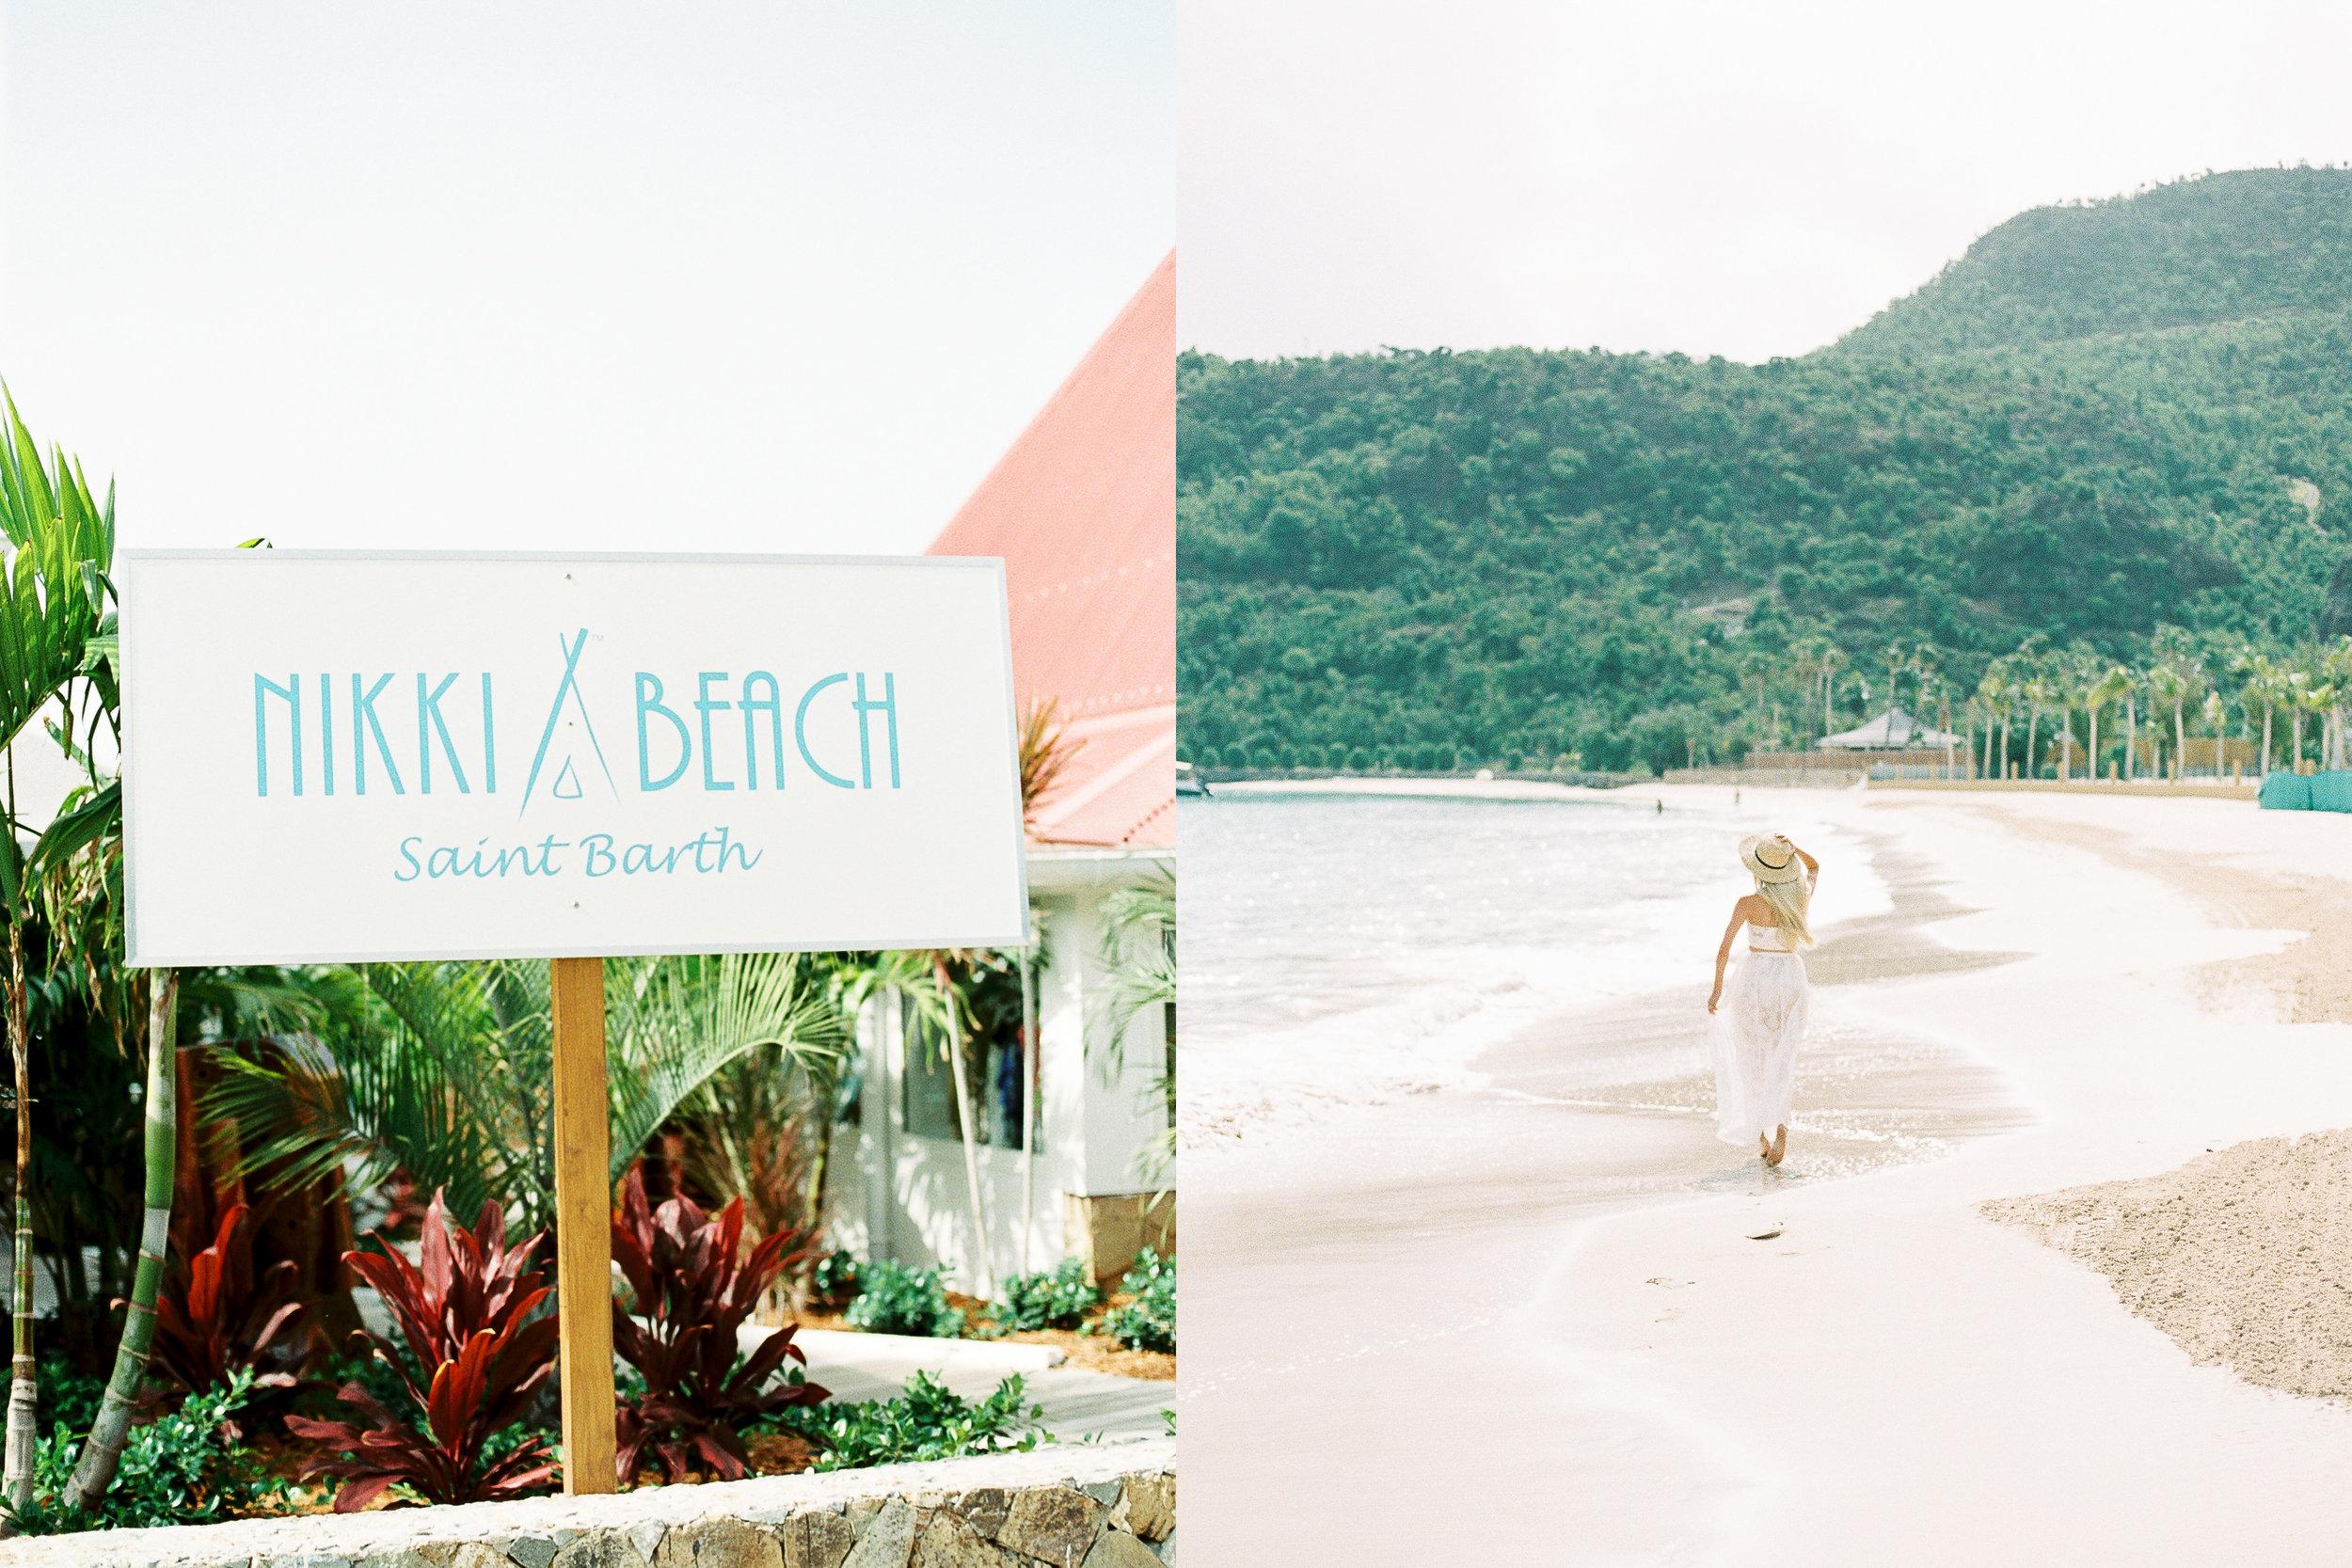 Left: Nikki Beach / Right: St. Jean (the beach Nikki Beach is on)